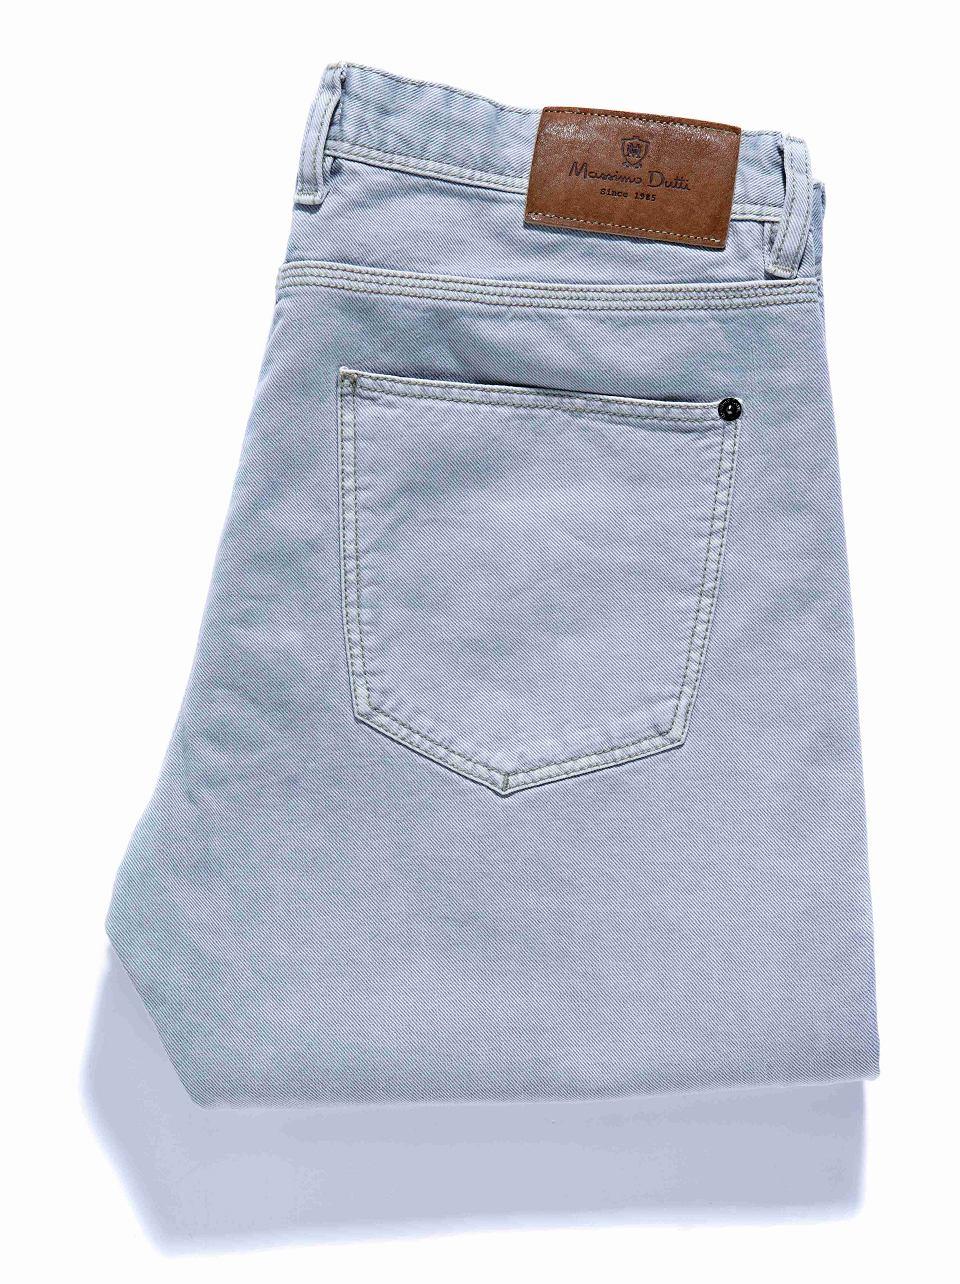 Zdjęcie numer 4 w galerii - Jasne dżinsy: zobacz najmodniejsze wzory